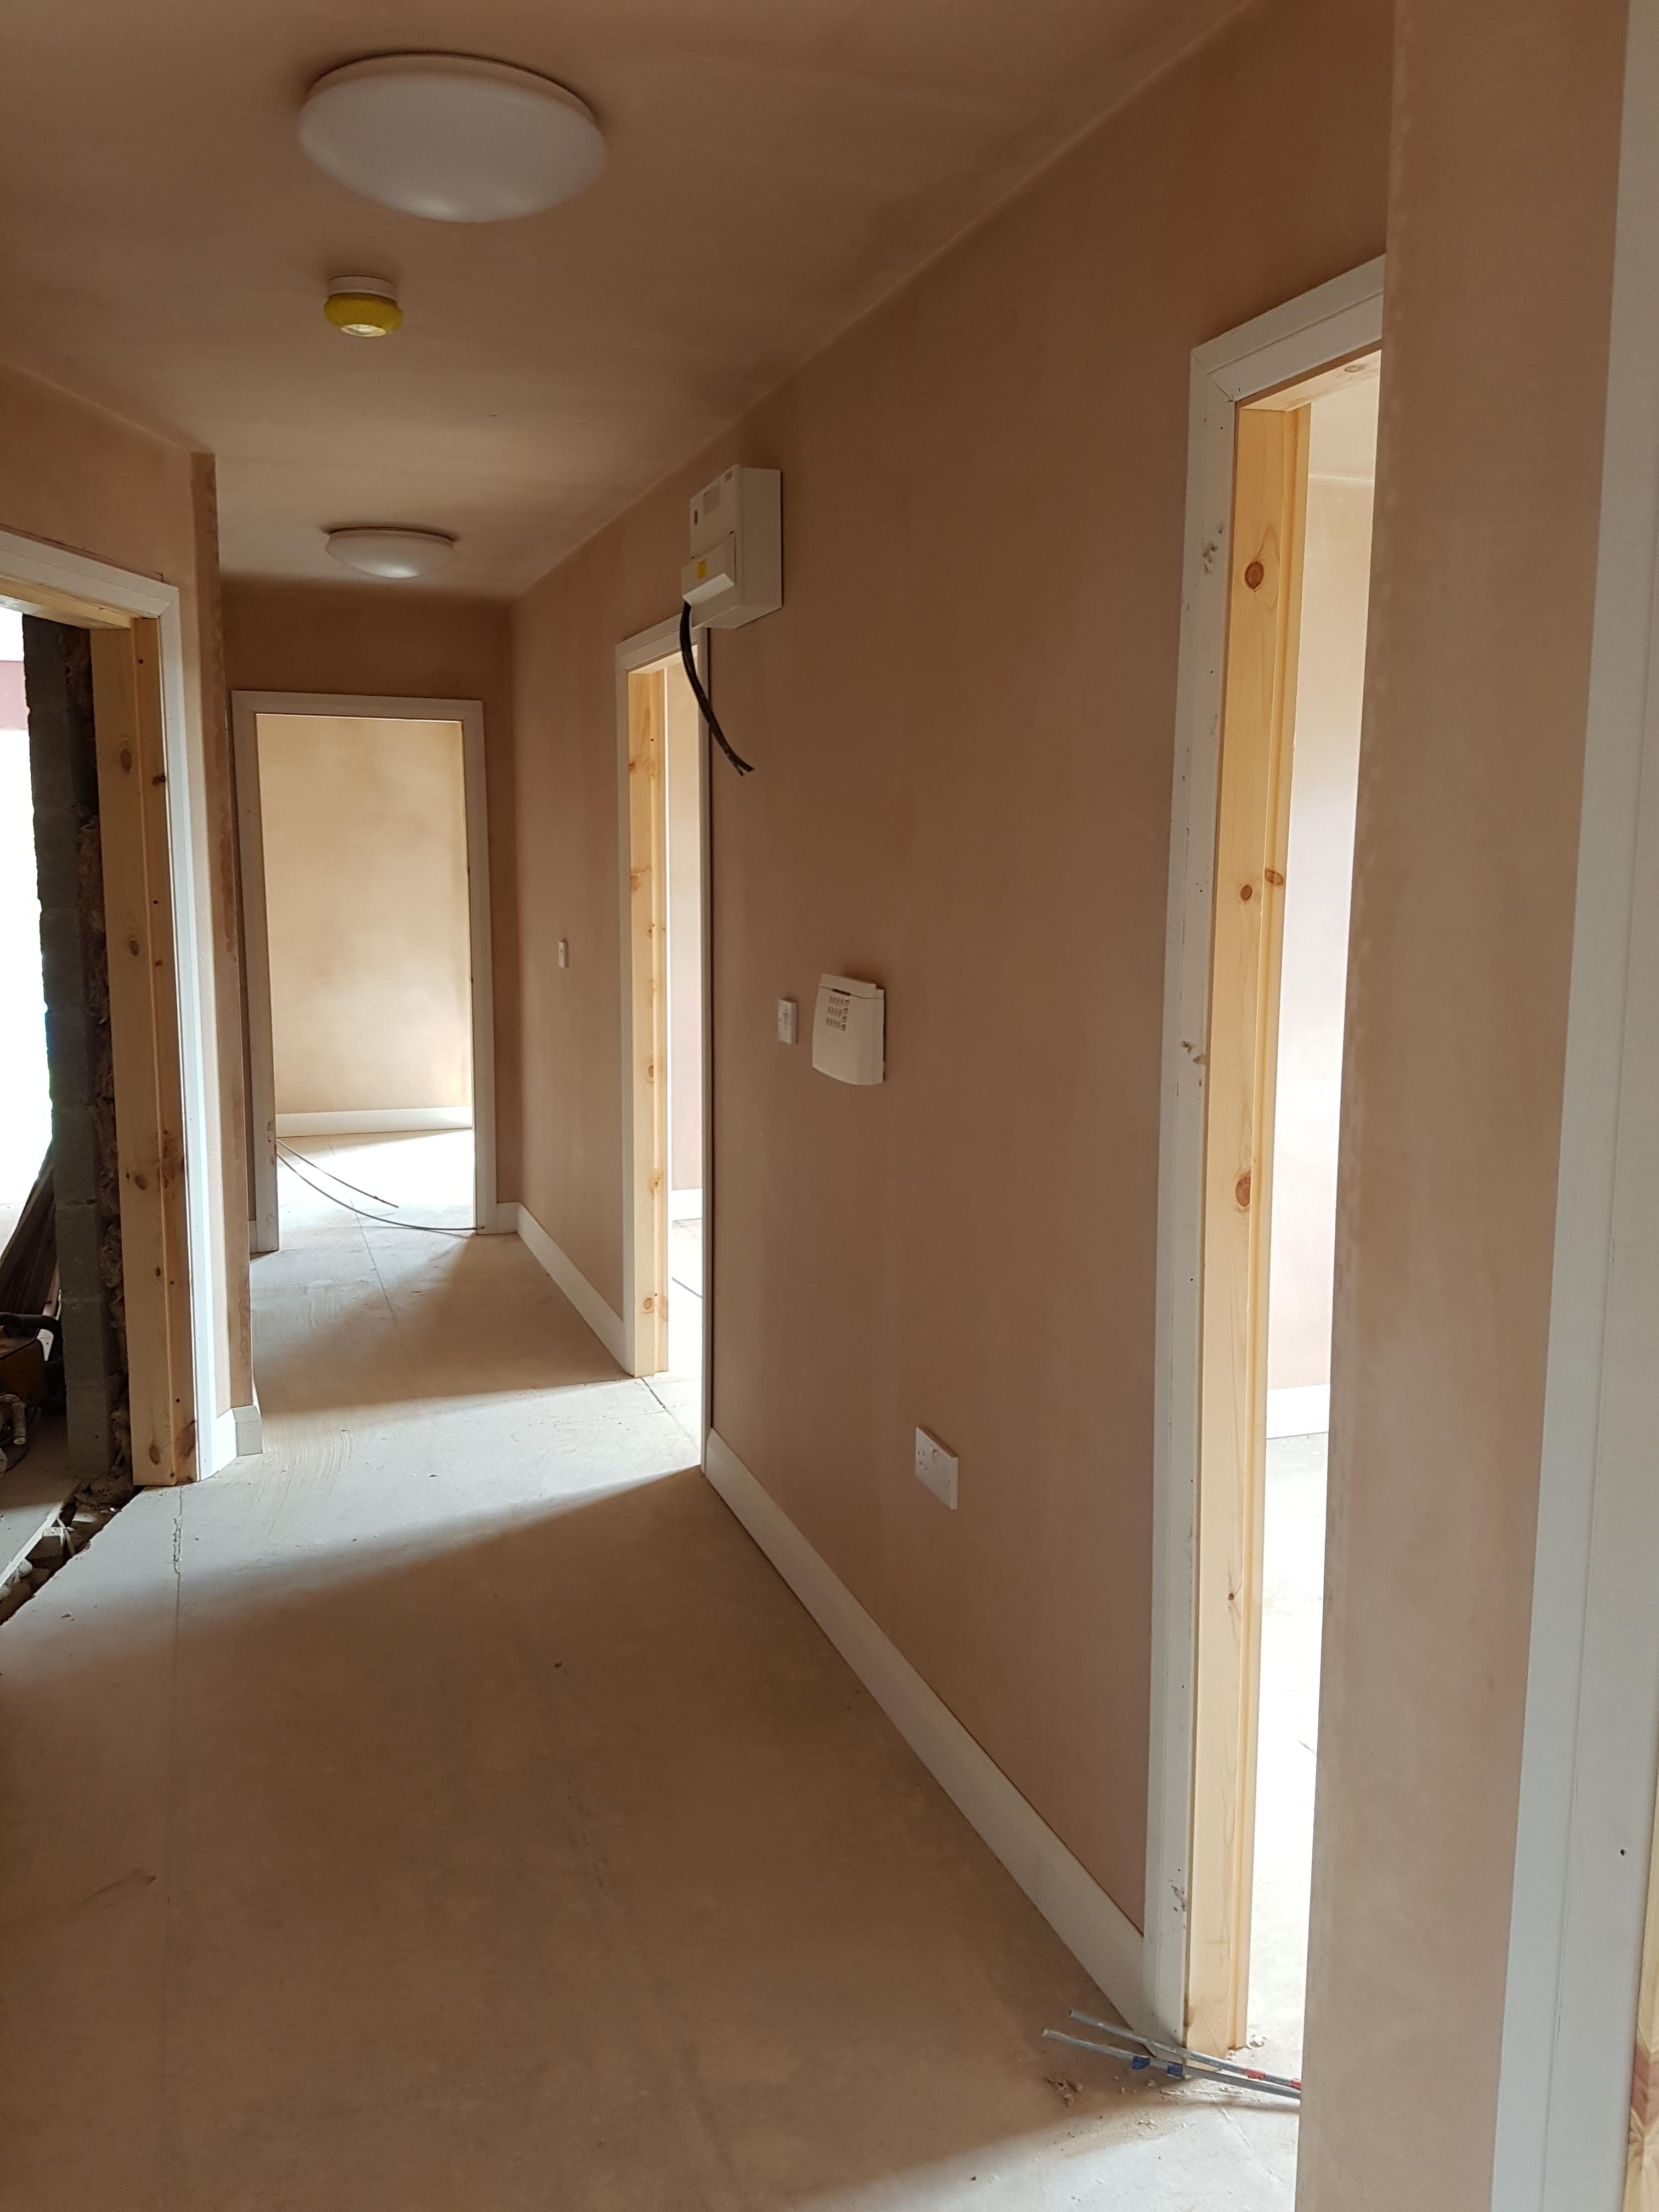 alexander court 4 beds hallway